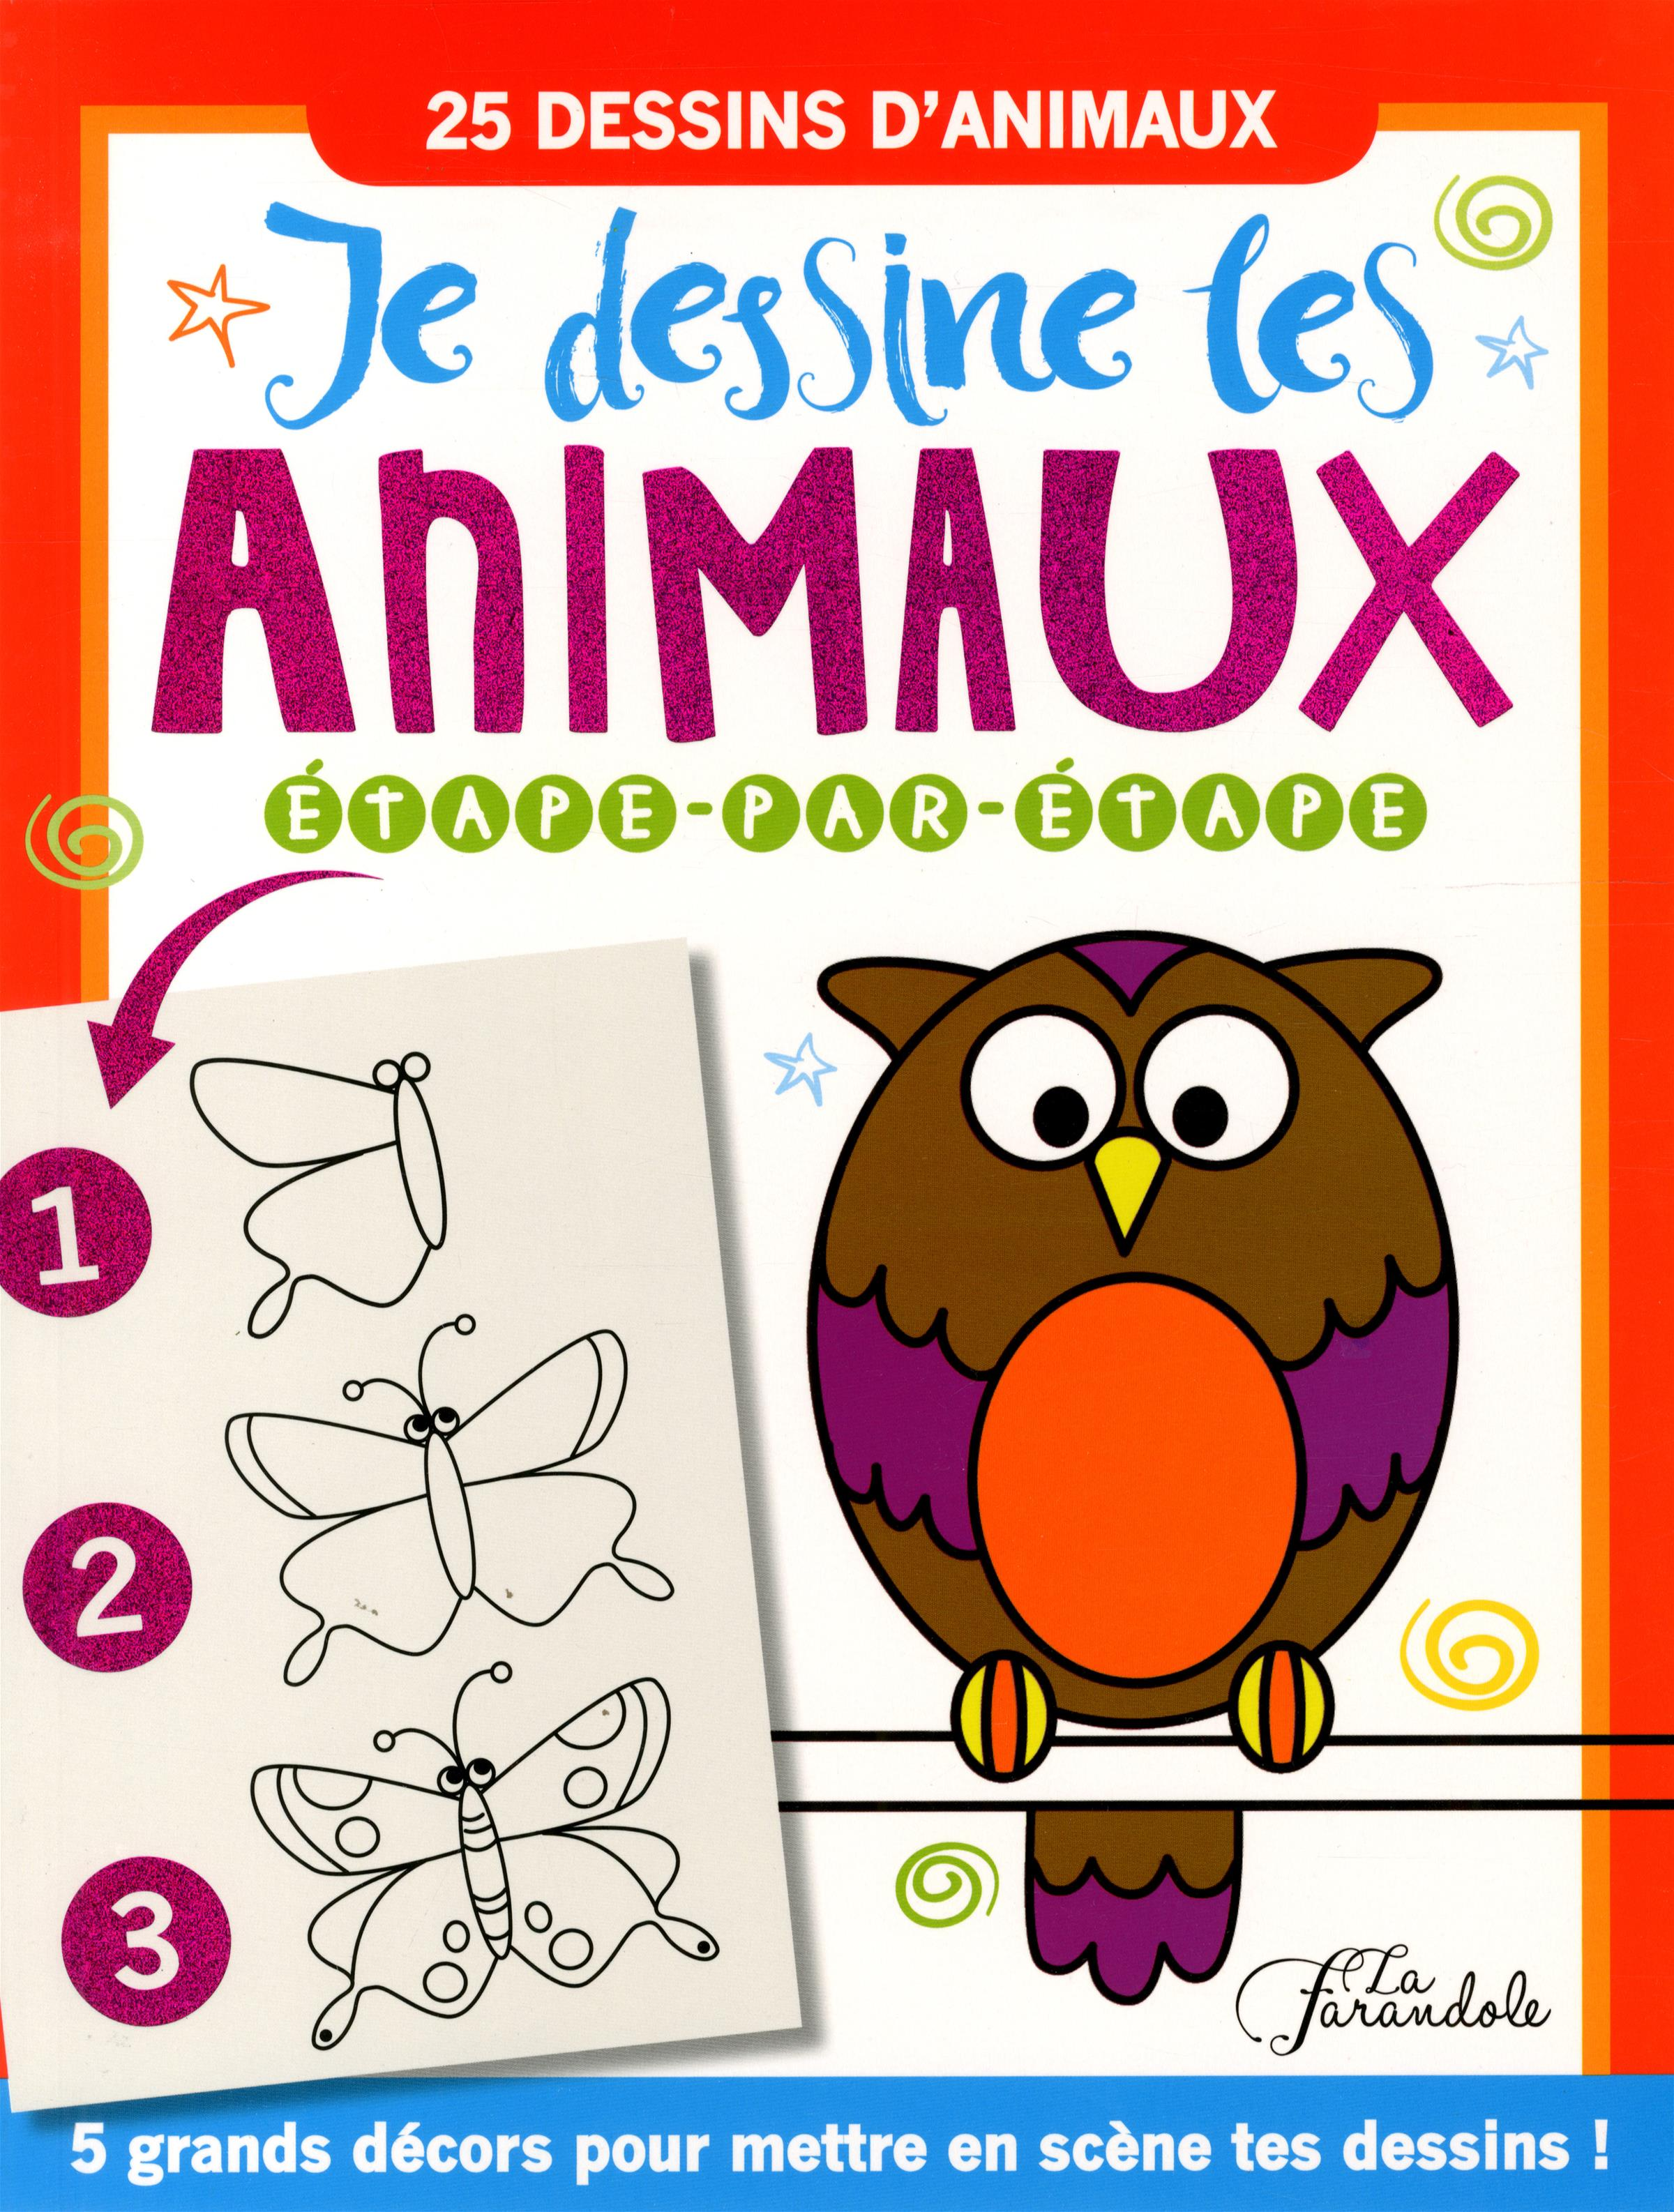 Livre Je dessine les animaux étape-par-étape - 25 dessins ...